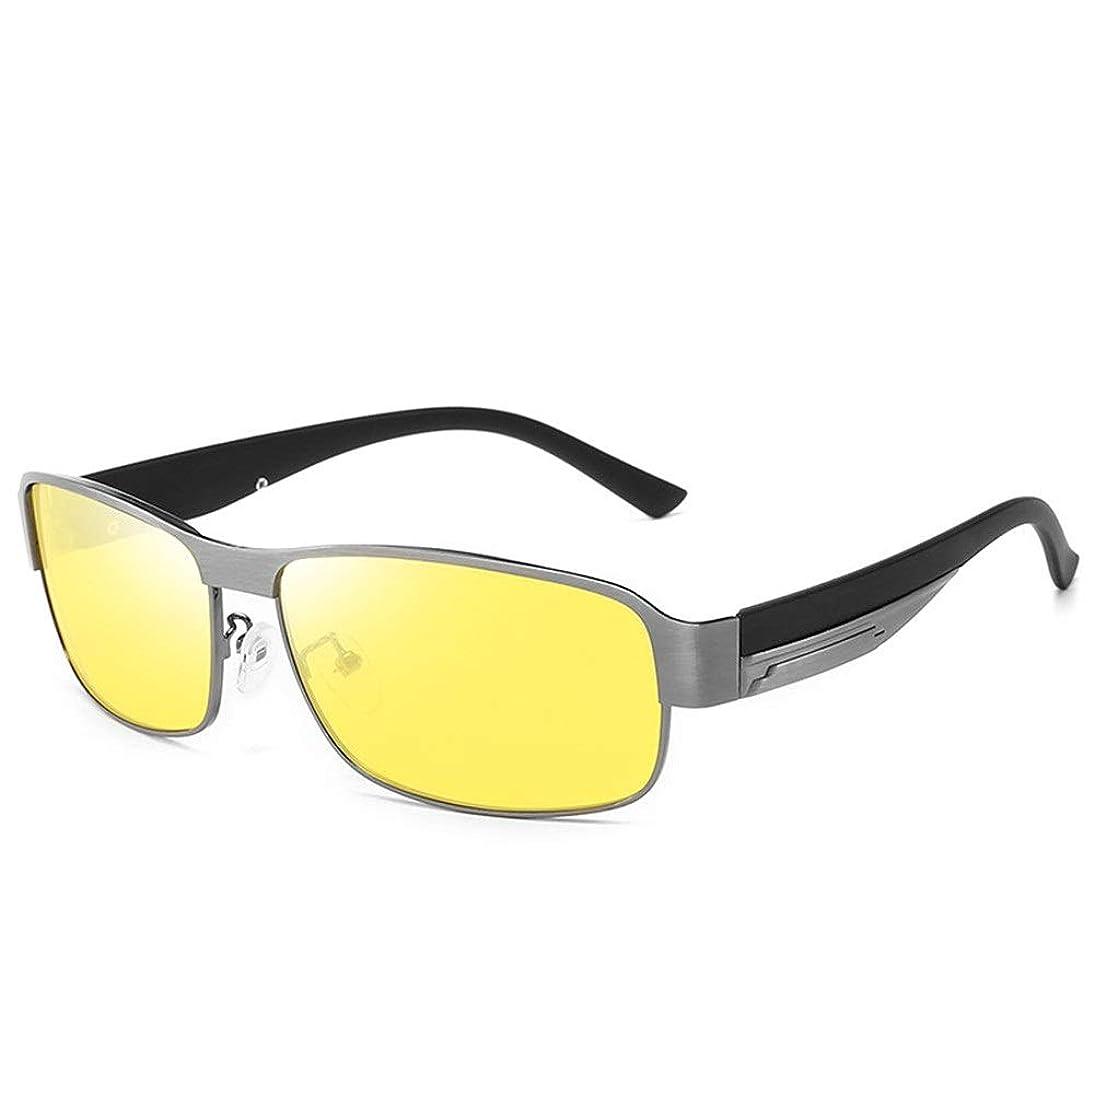 工業用ぎこちない証明するUV400紫外線メンズサングラス メガネを偏光サングラスメンズレトロ広場サングラスナイトビジョンを変色 (Color : Yellow, Size : ONE SIZE)